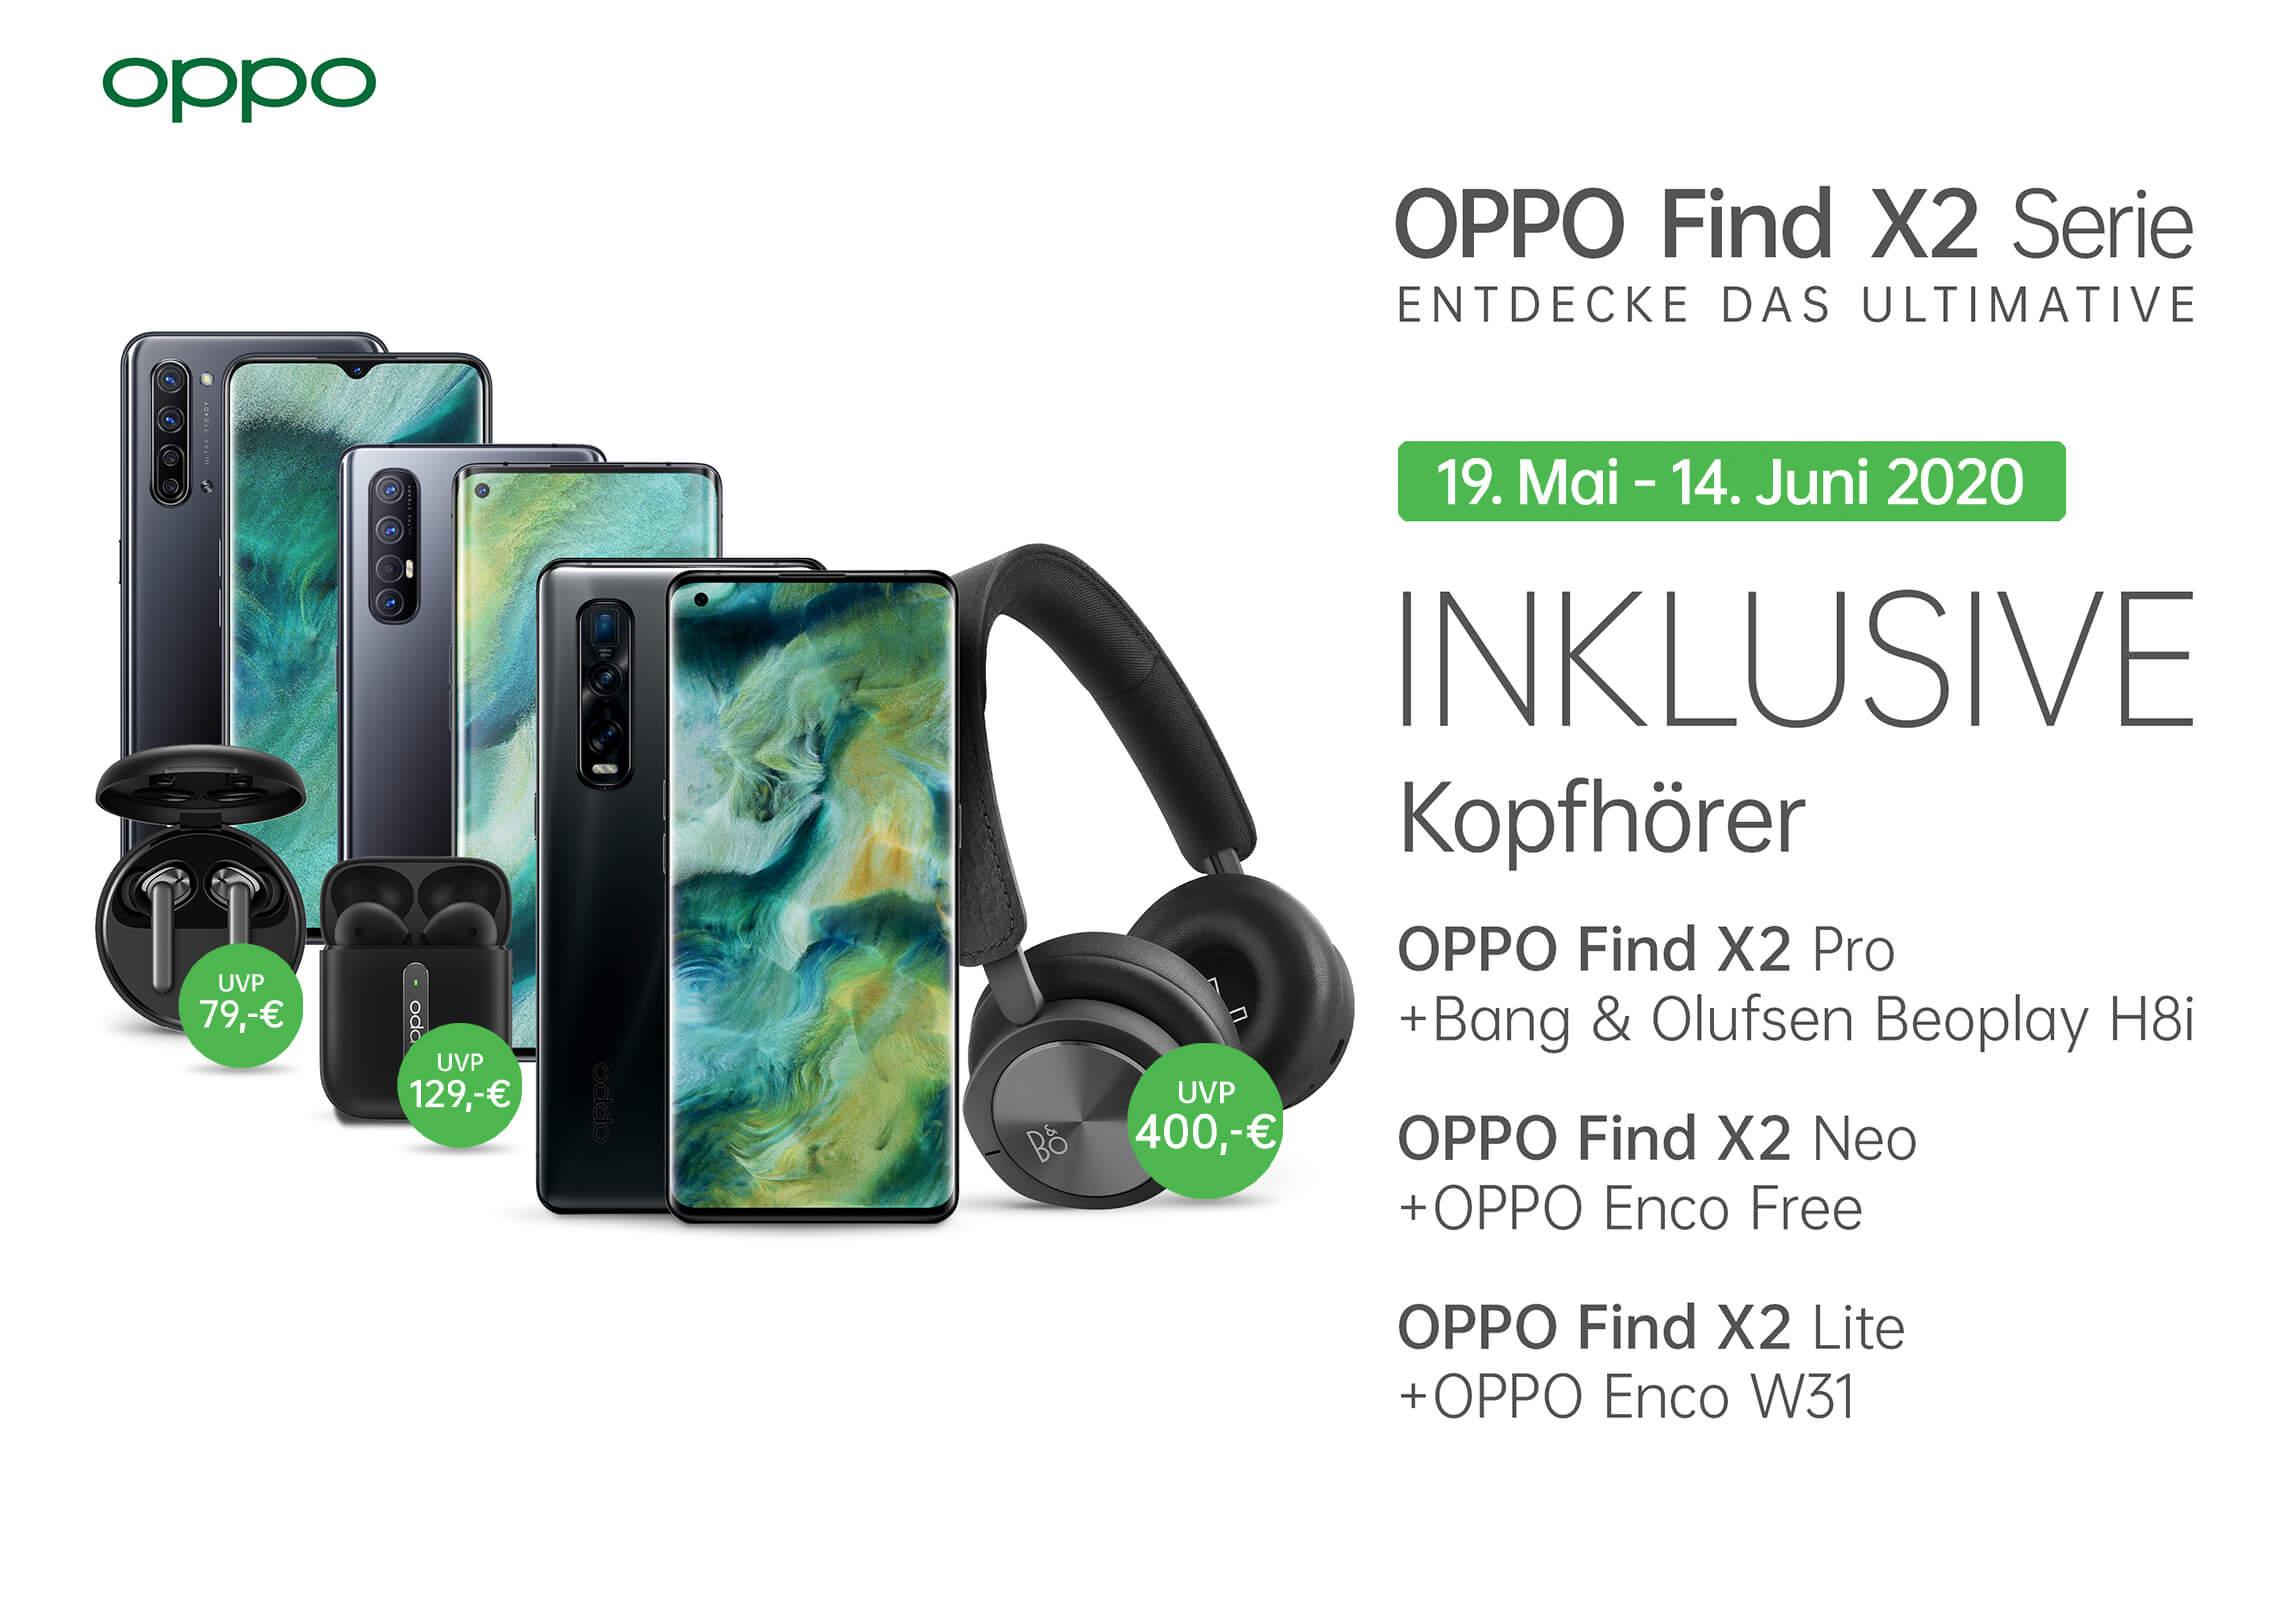 Oppo Find X2 Serie im WinSim (3GB LTE, Allnet/SMS): X2 Pro mit B&O H8i 805,75€ | X2 Neo mit Enco Free 565,75€ | X2 Lite mit Enco W31 445,75€